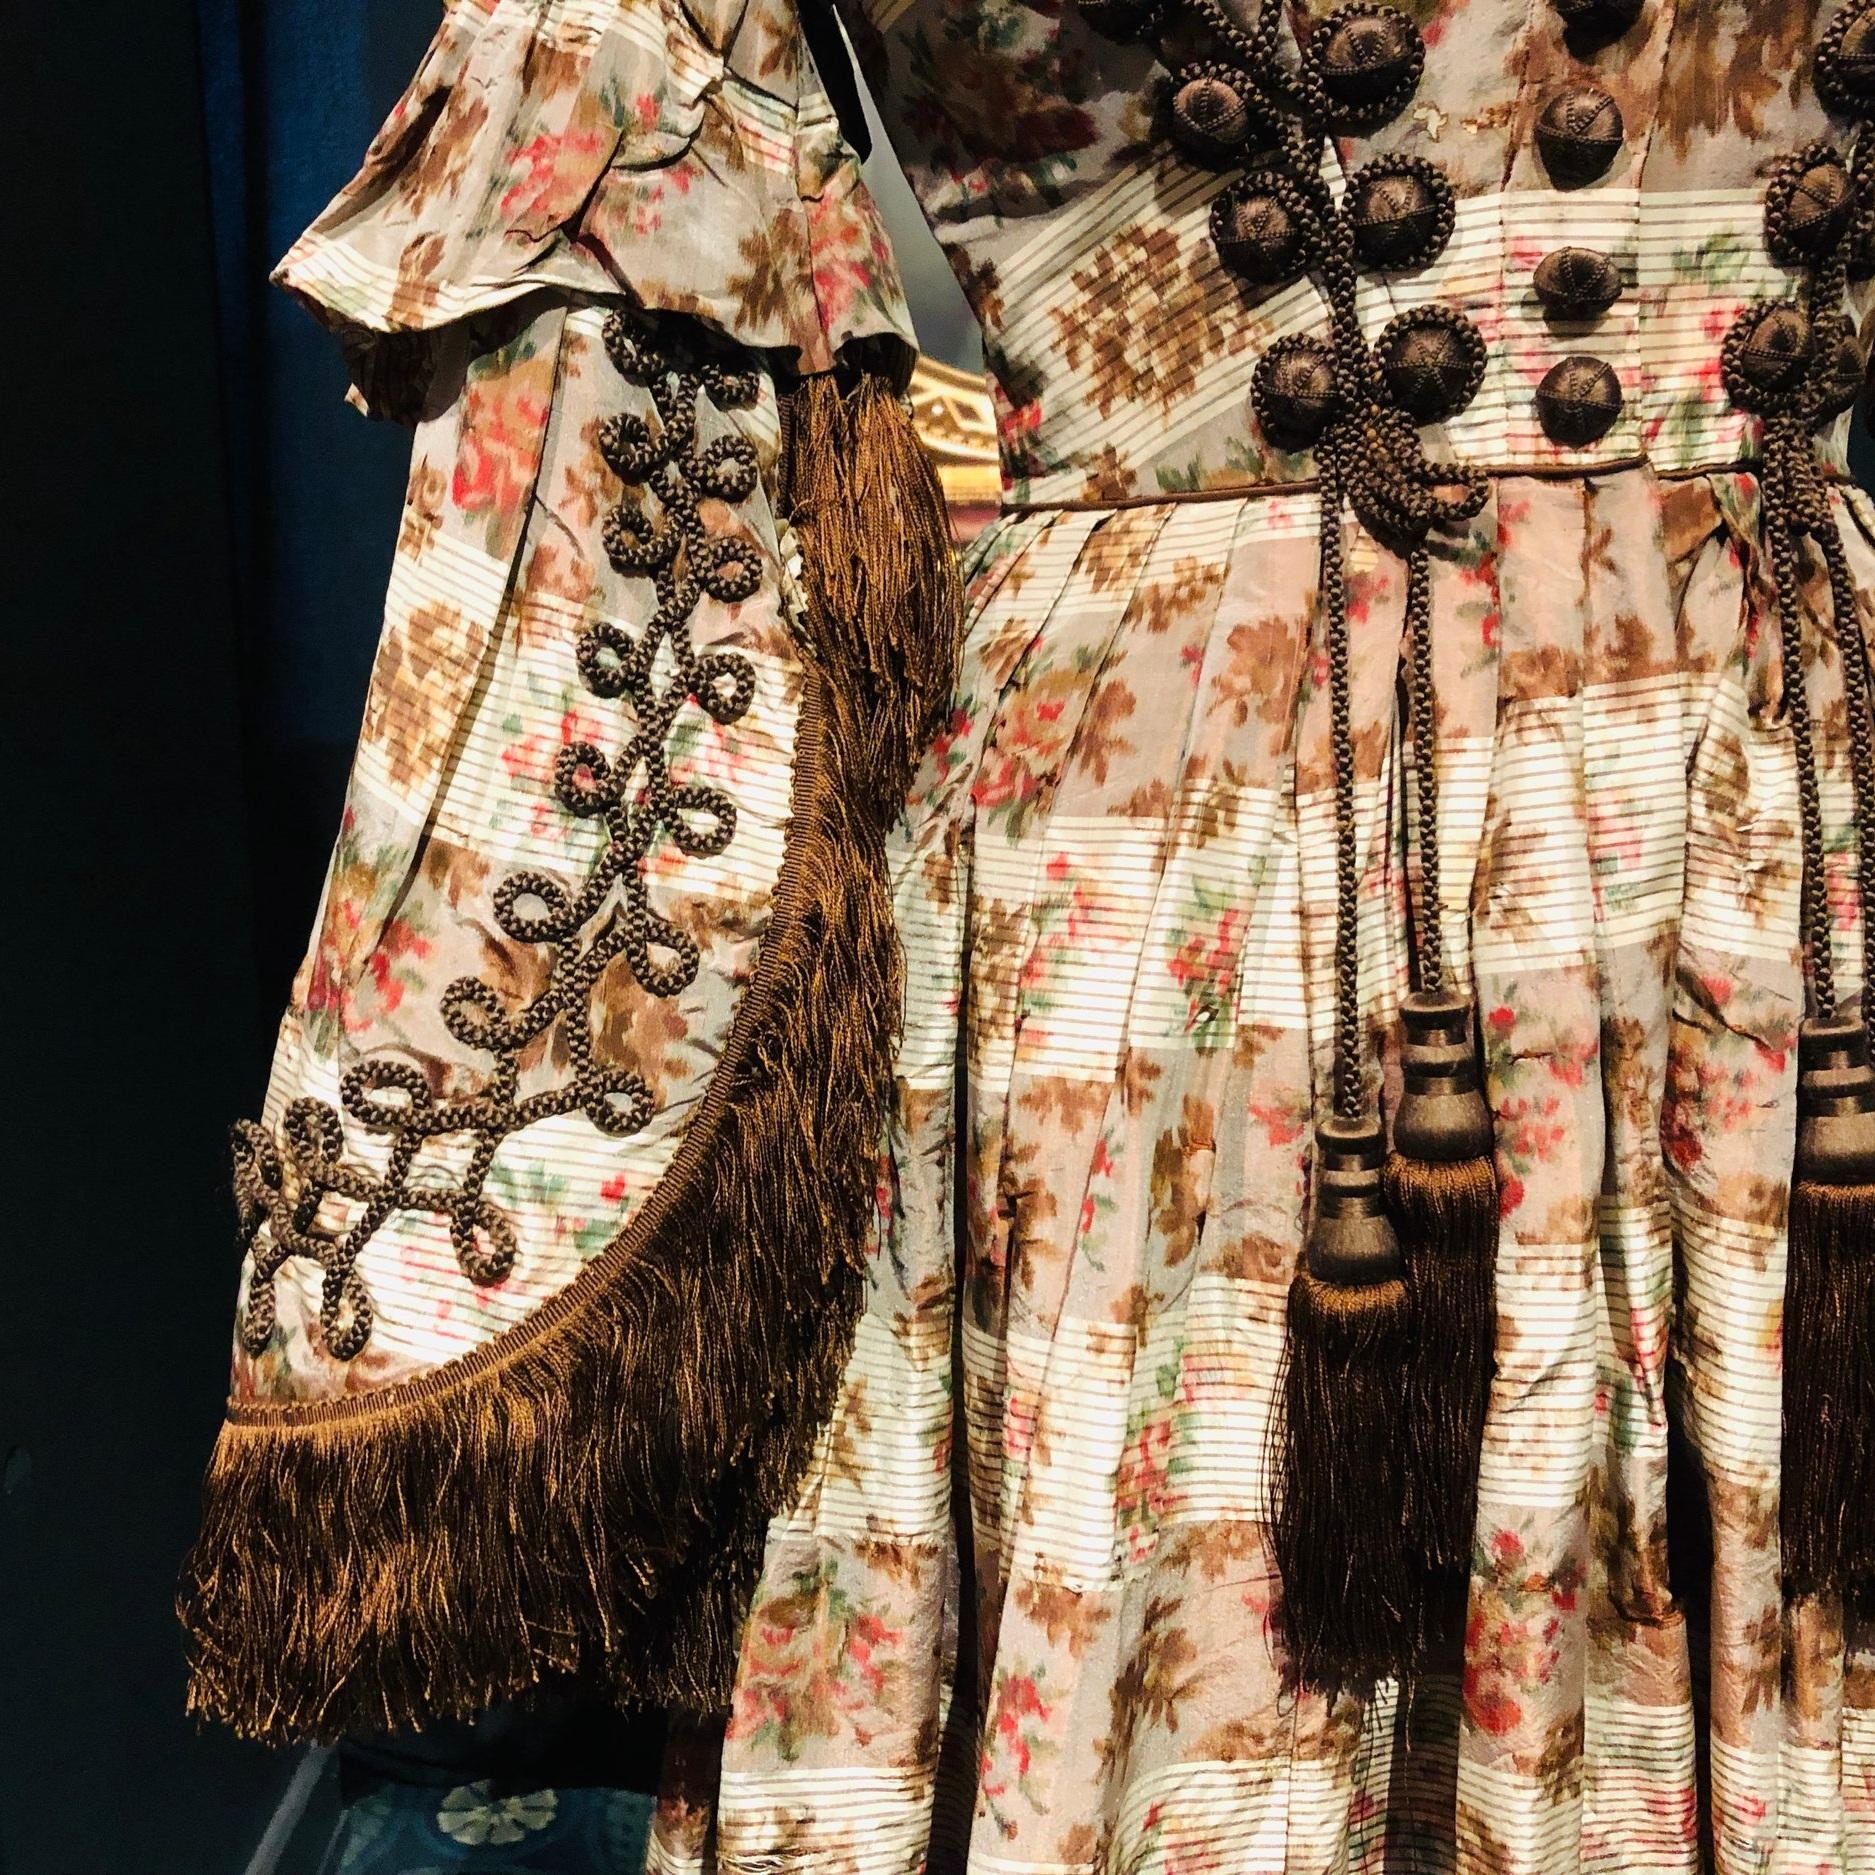 silk dress 4.jpg